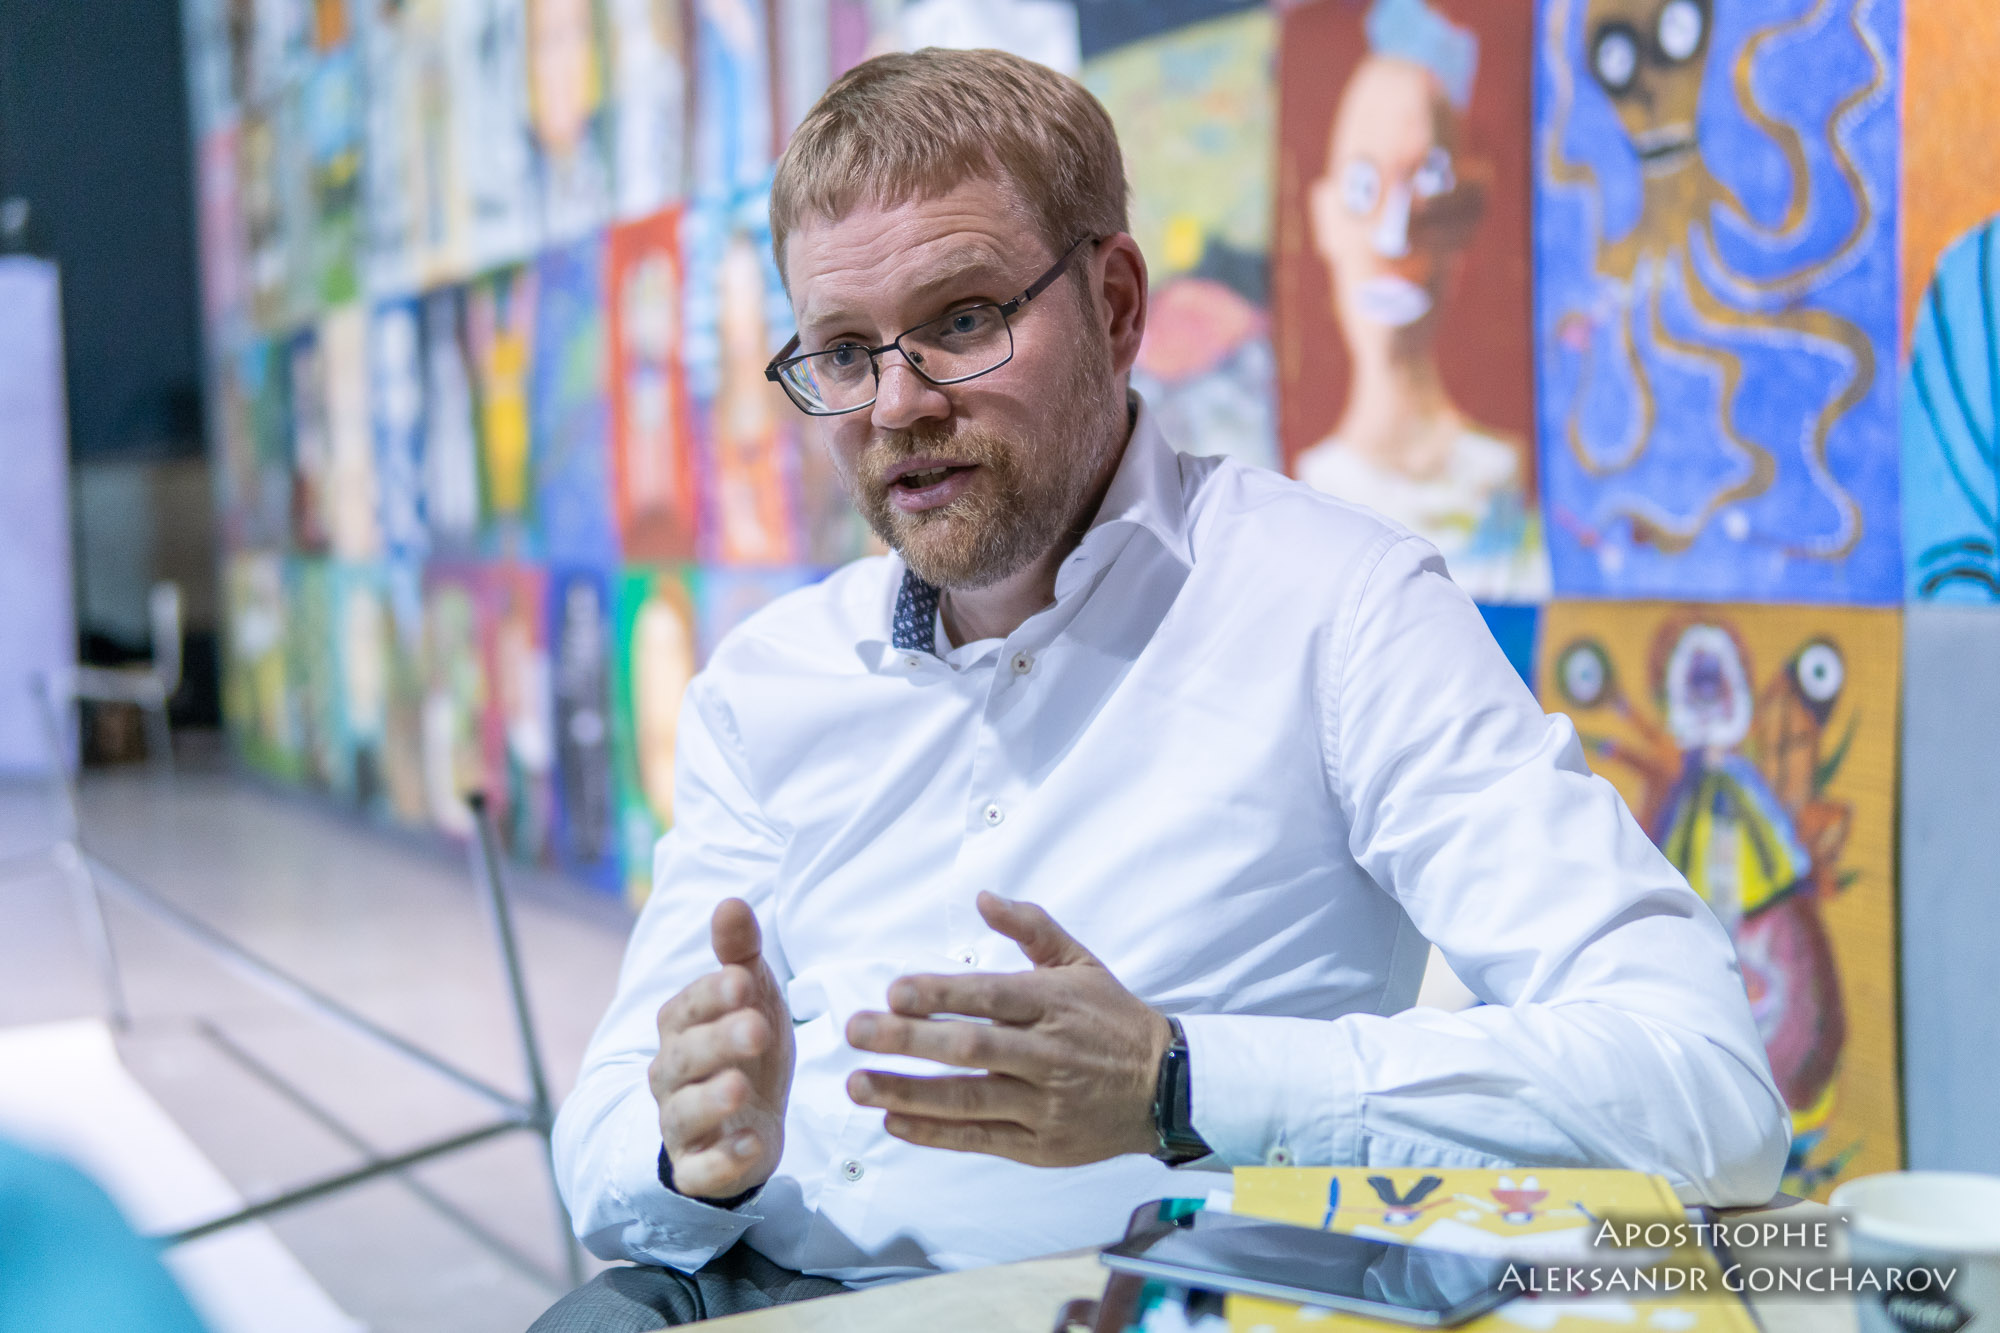 Посол Швеції про Росію, реформи й те, що його найбільше вразило в Україні